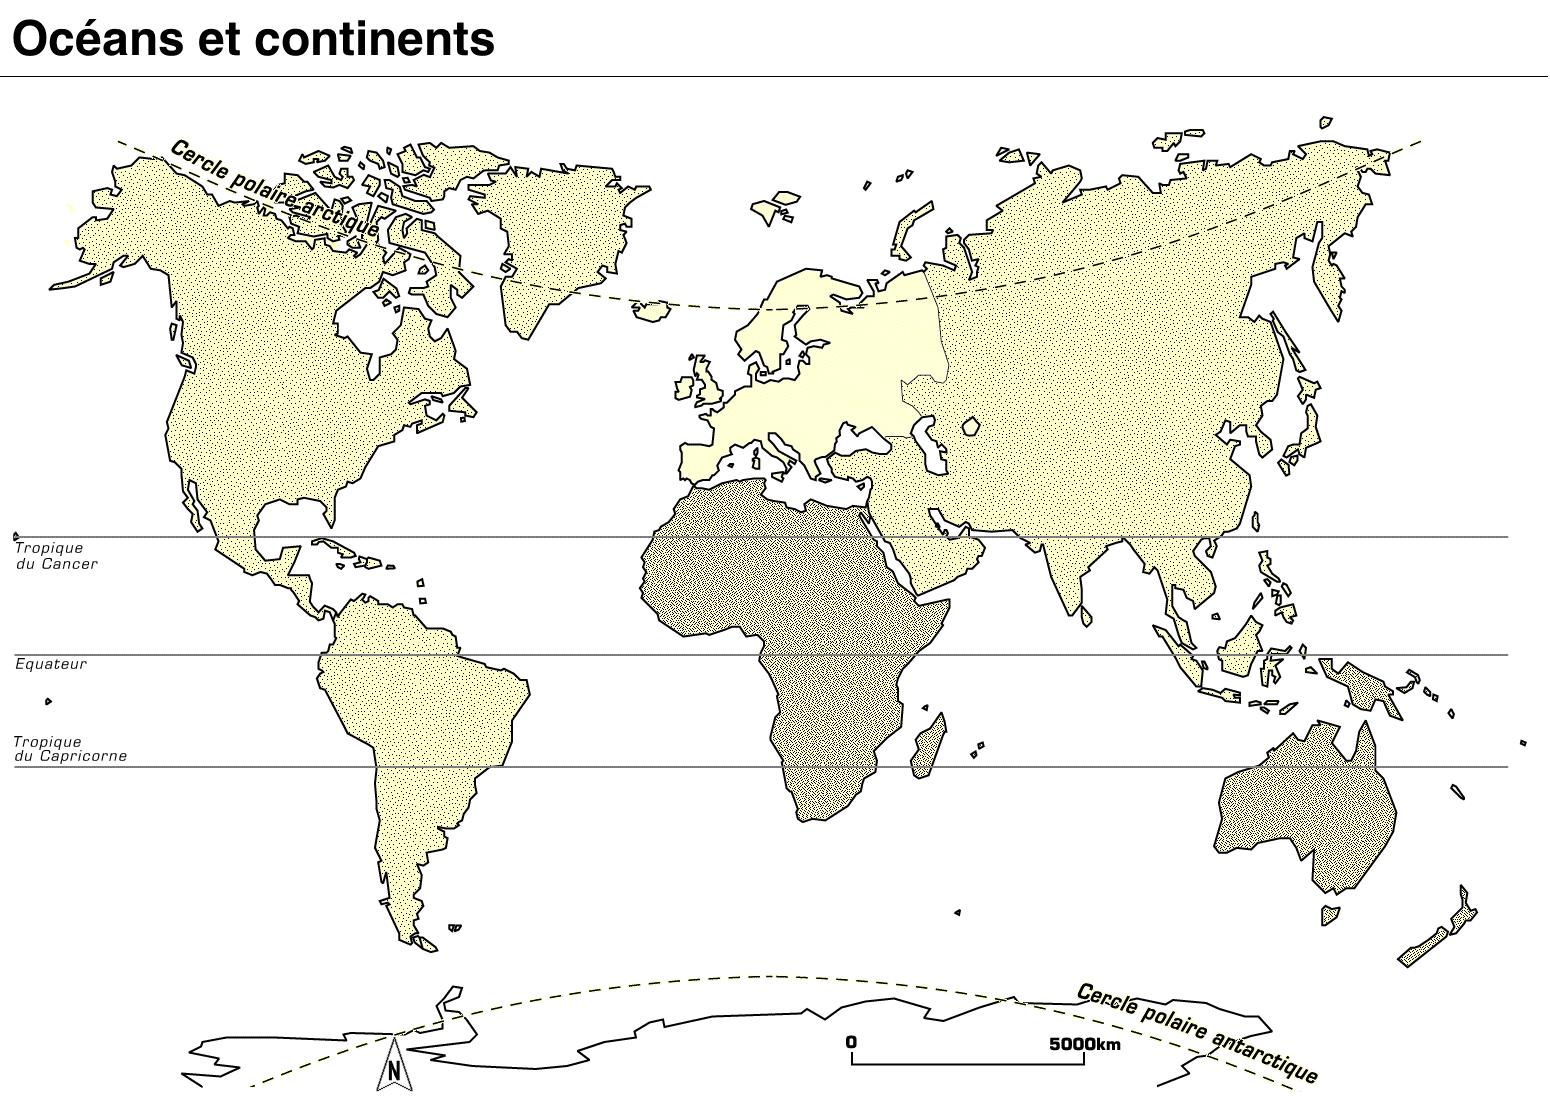 Super Océans et continents - Les trouvailles de Karinette XL12